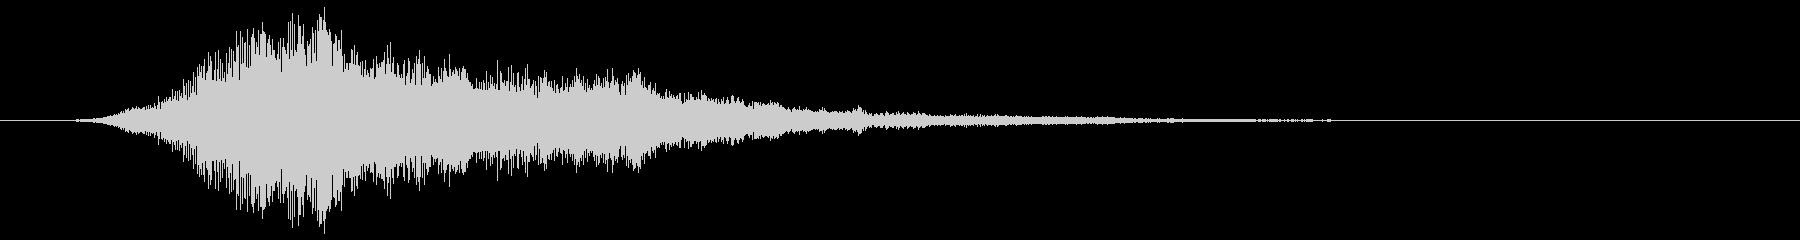 フワンフワン…(トピック・アイキャッチ)の未再生の波形